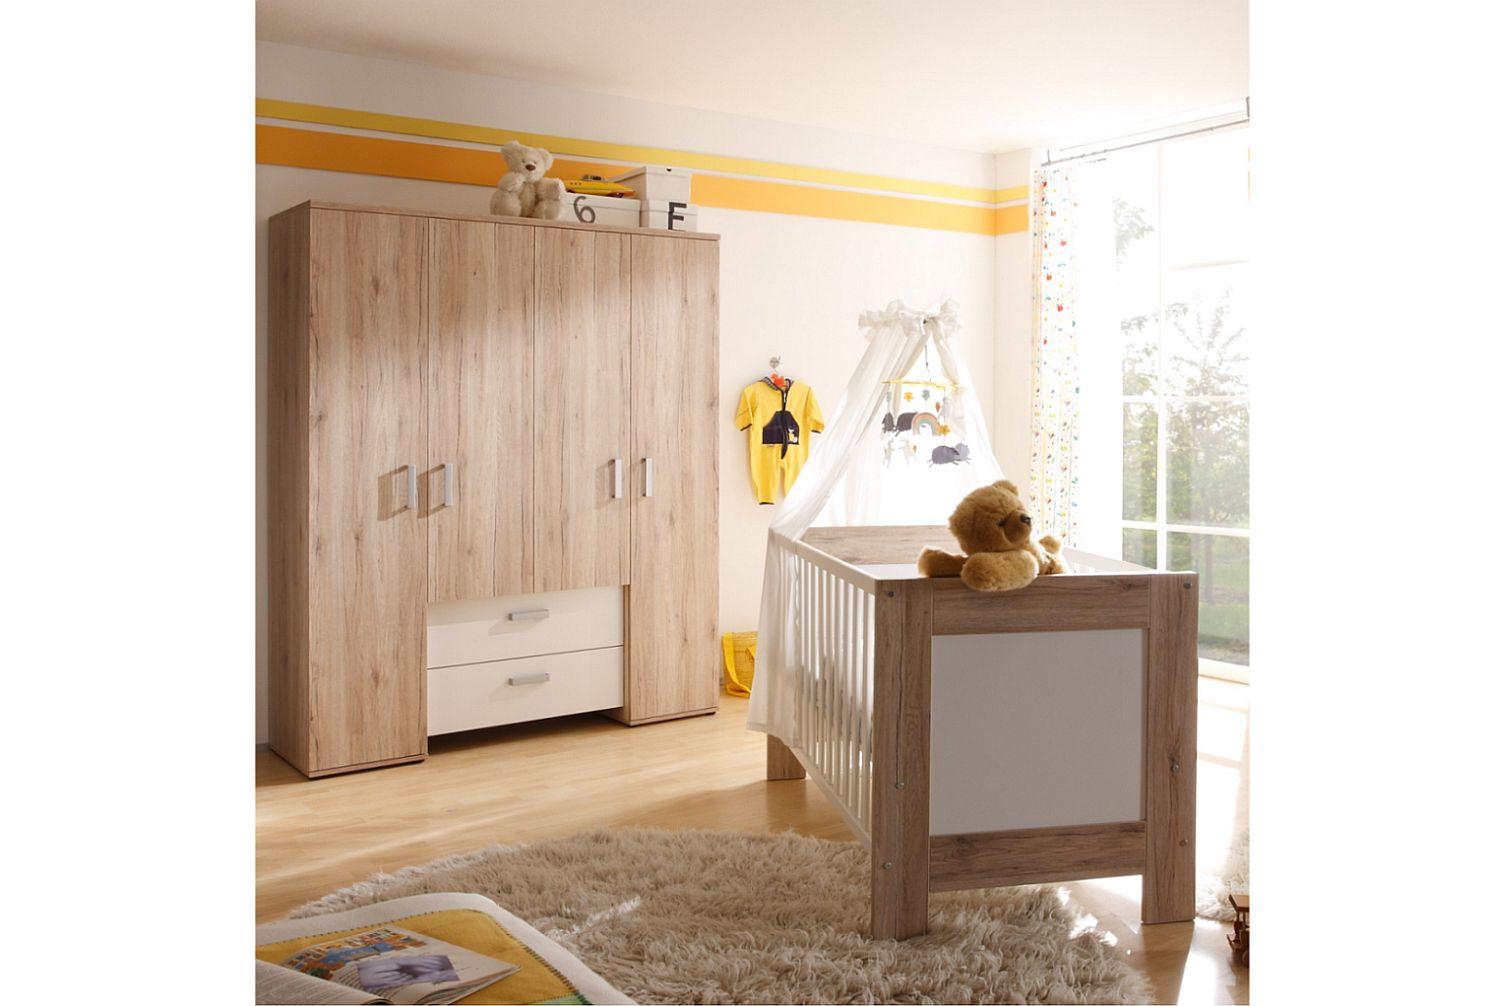 babyzimmer zwillinge komplett. Black Bedroom Furniture Sets. Home Design Ideas